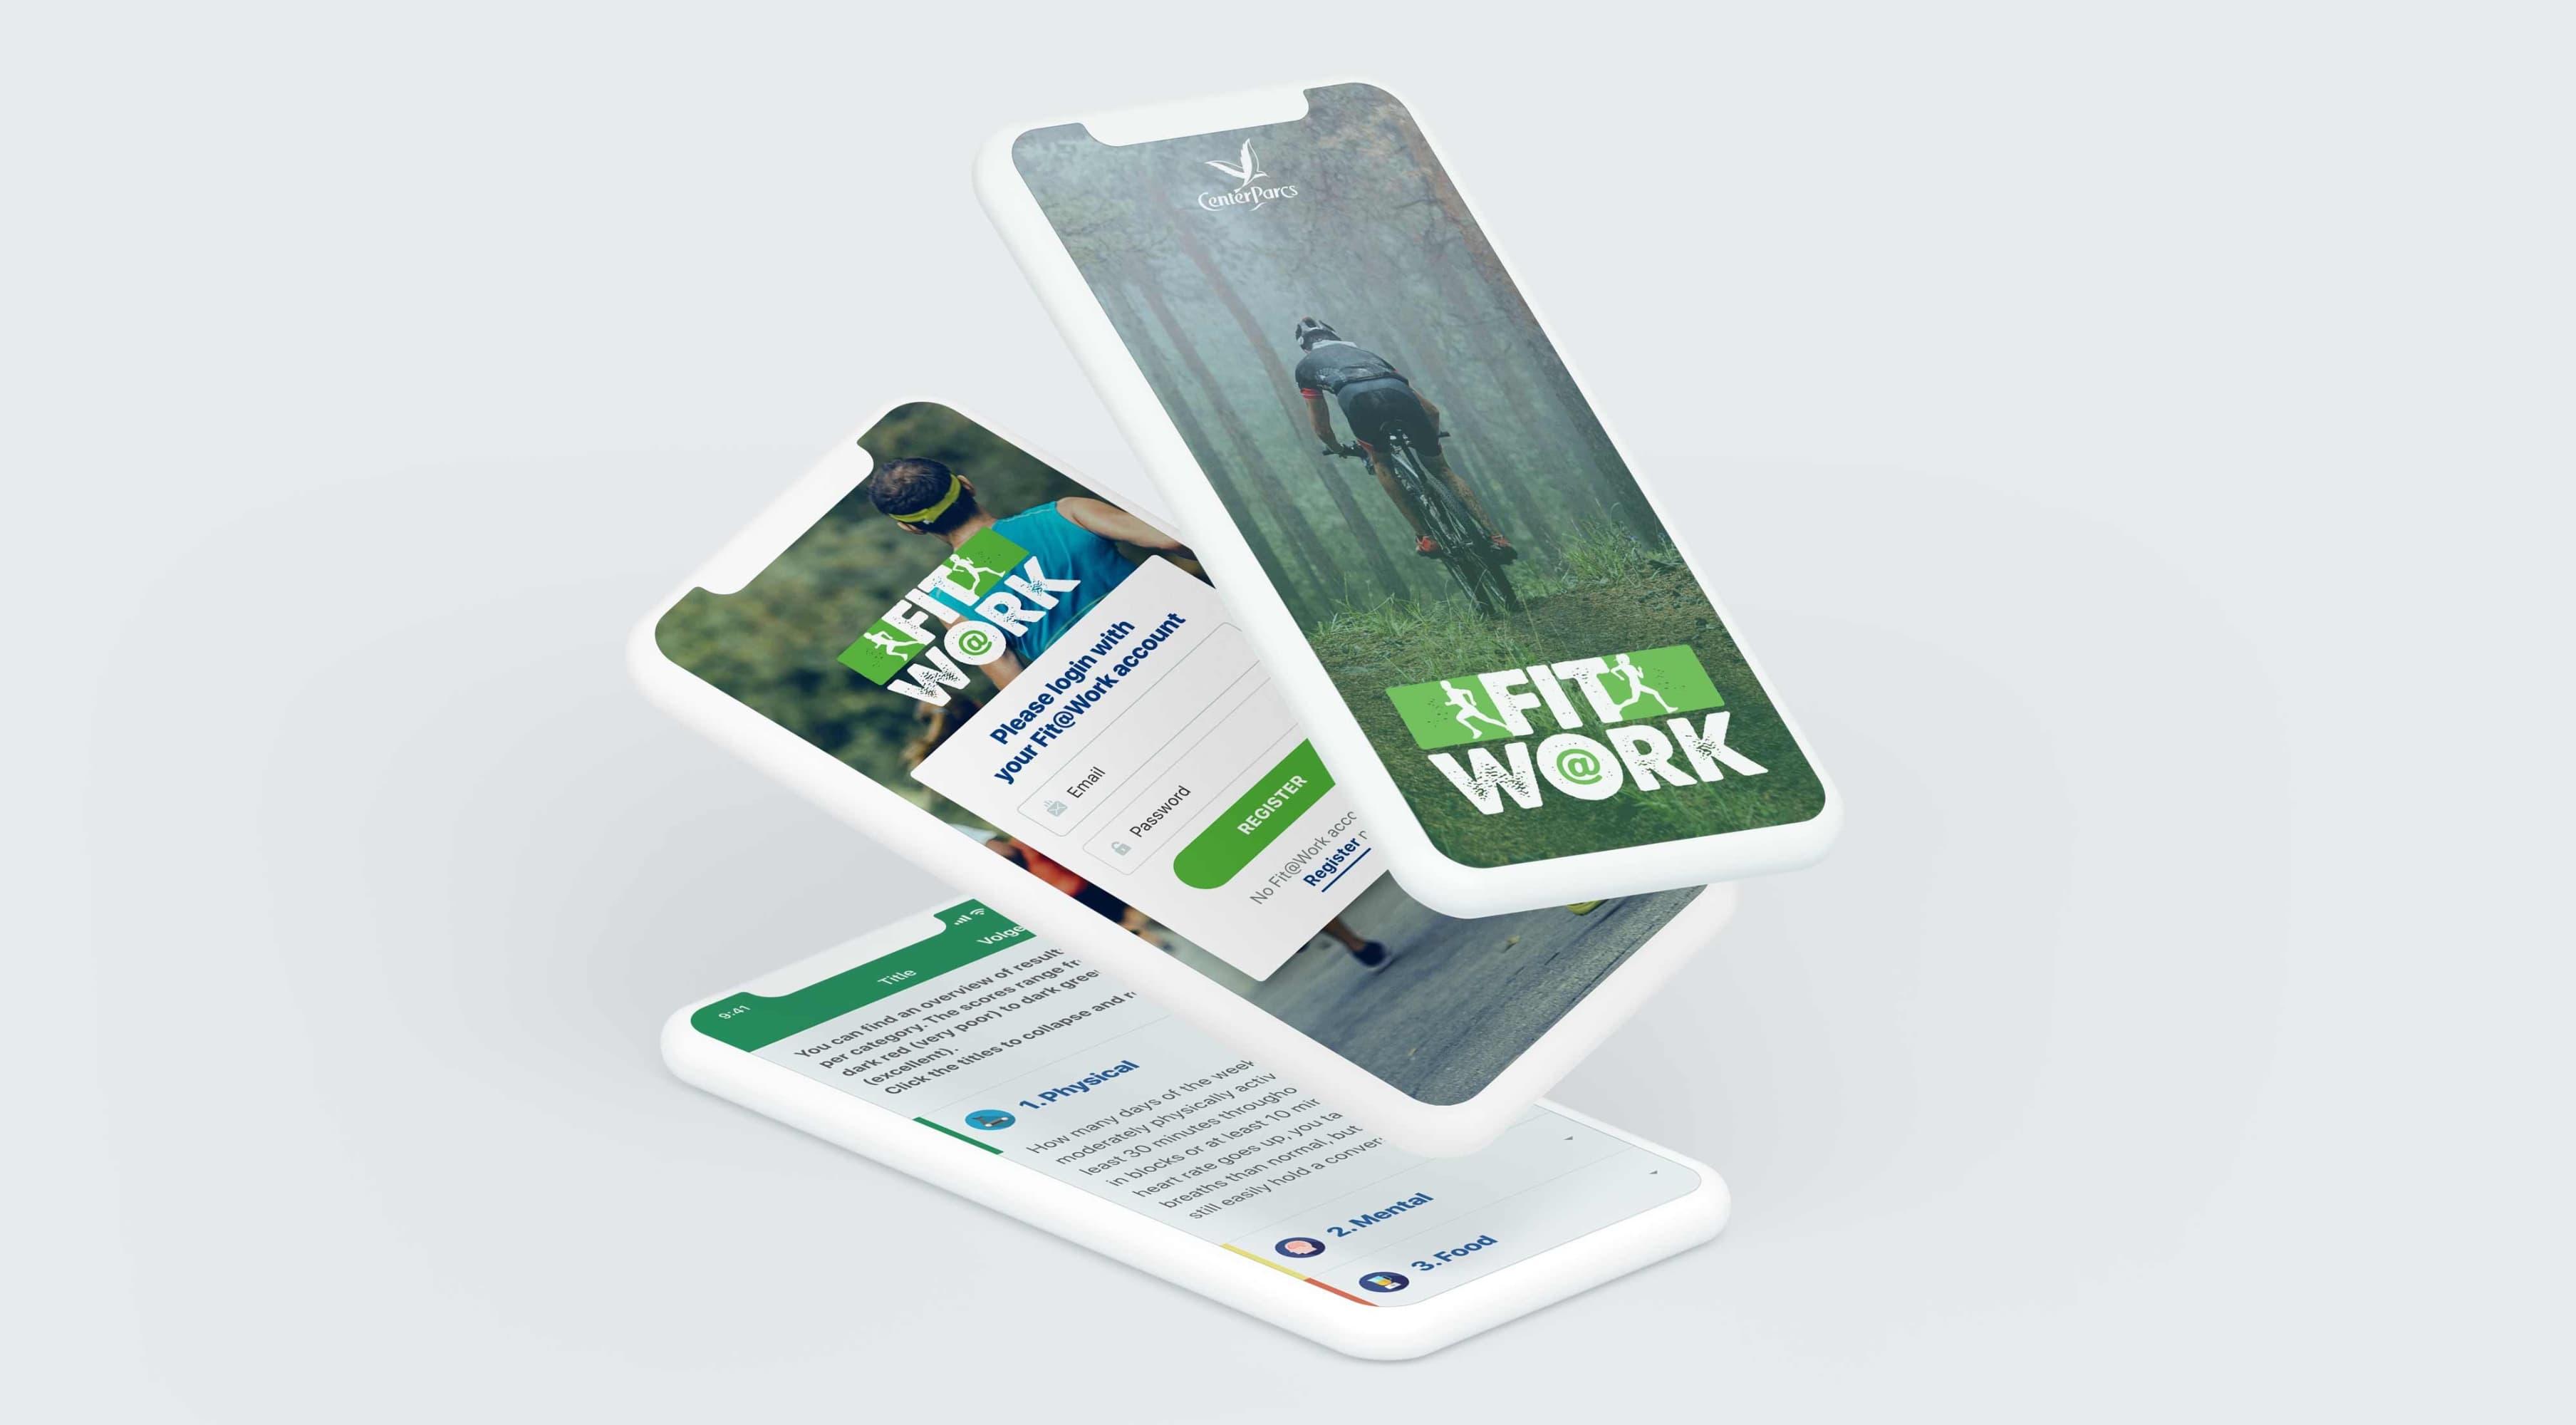 Center Parcs Fit@Work app